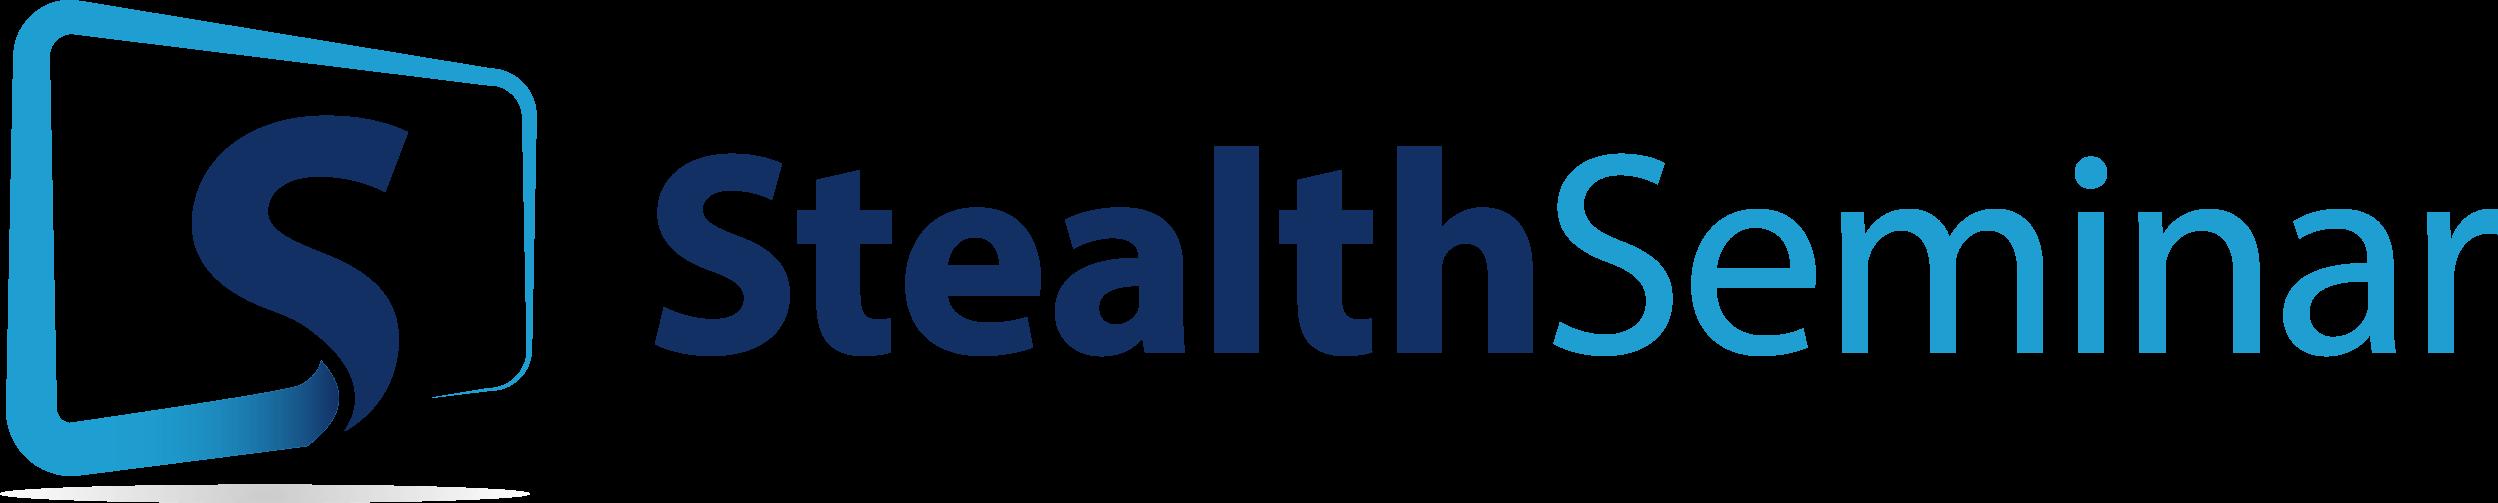 stealth seminar logo